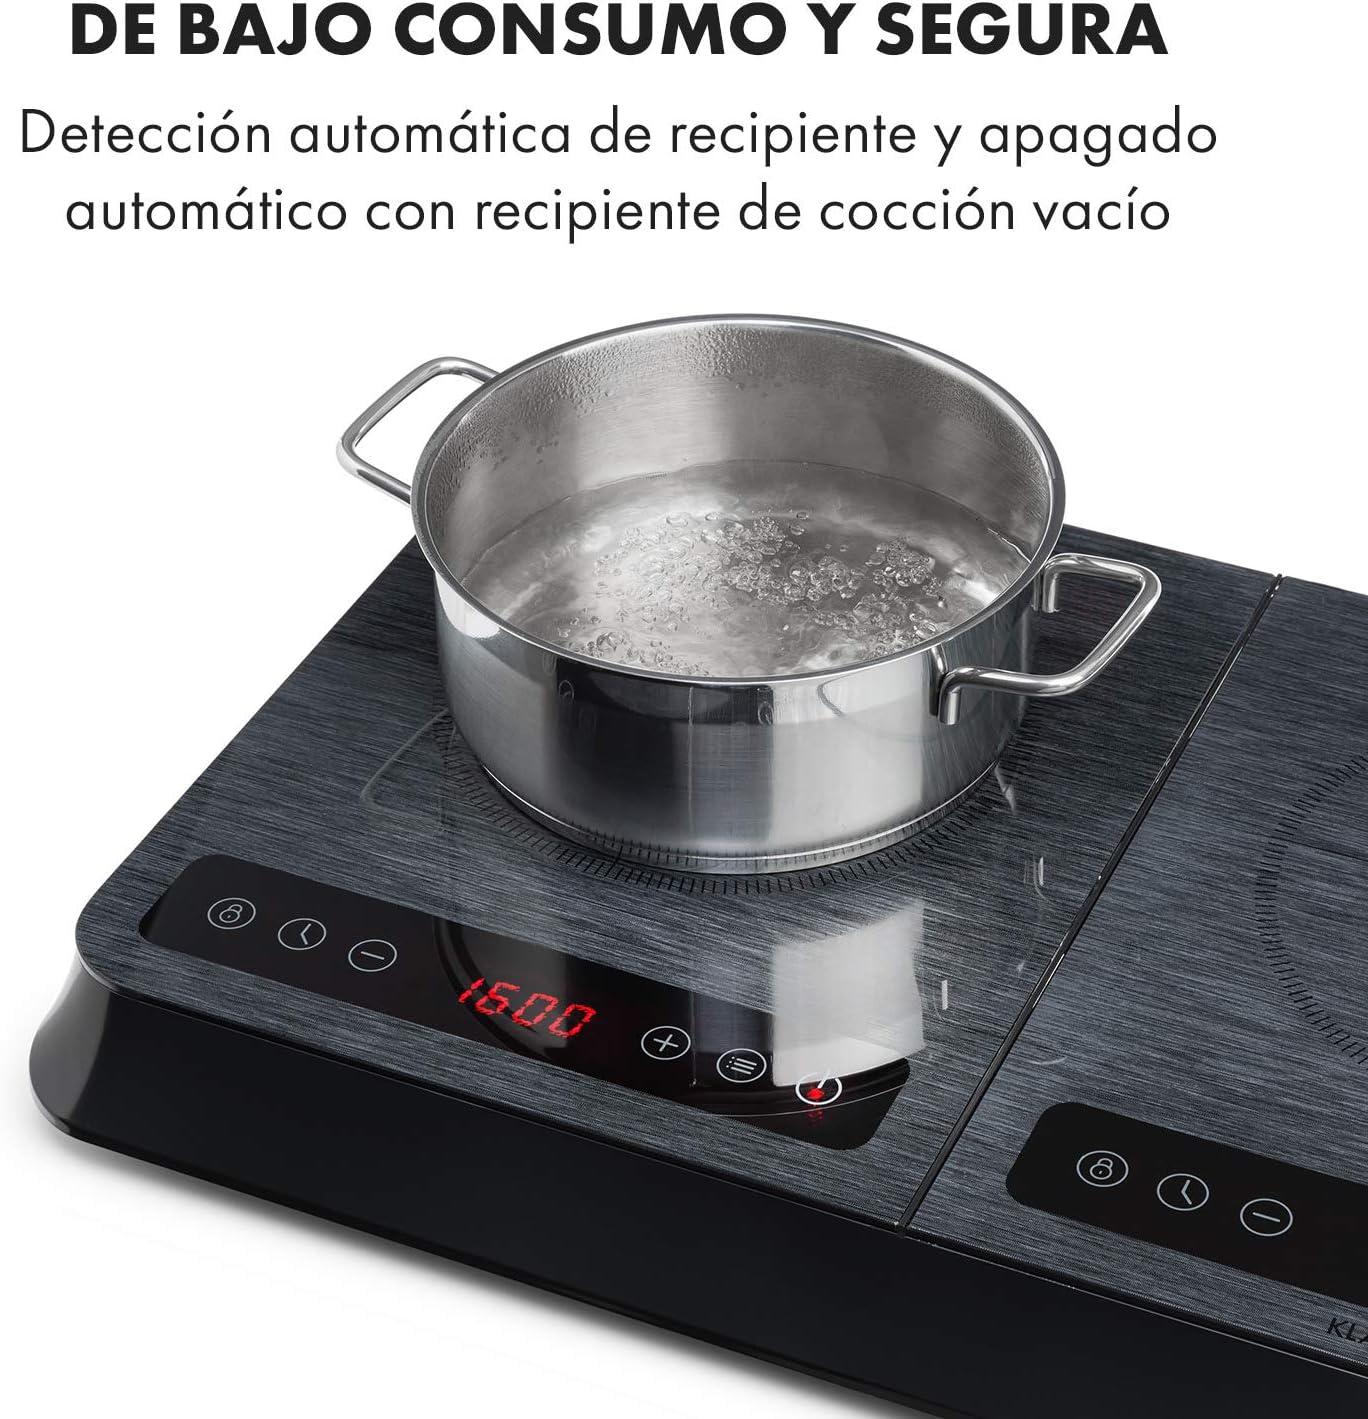 Klarstein InnoChef - Cocina portátil, doble cocina de inducción, 3400W, control táctil, sensor de olla, temporizador apagado, protección contra el ...